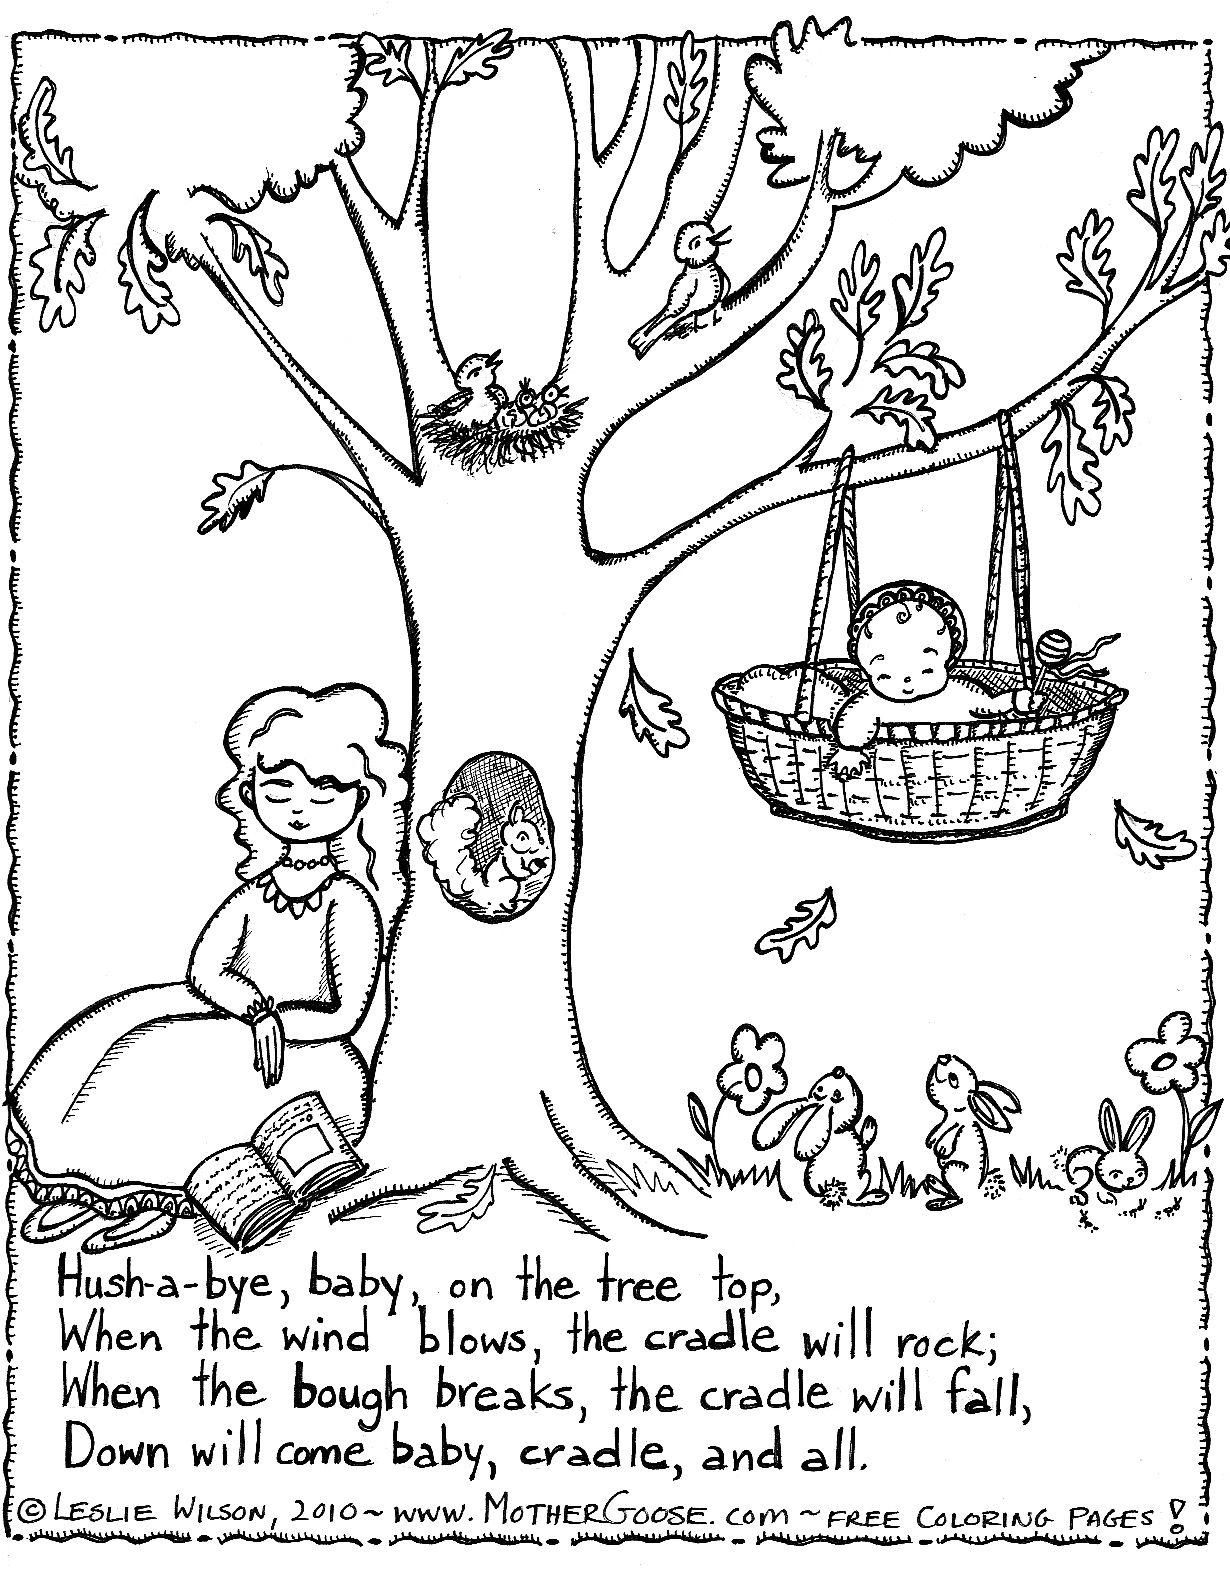 Nursery Rhyme Coloring Page | Teaching - Nursery Rhymes/mother Goose - Free Printable Mother Goose Nursery Rhymes